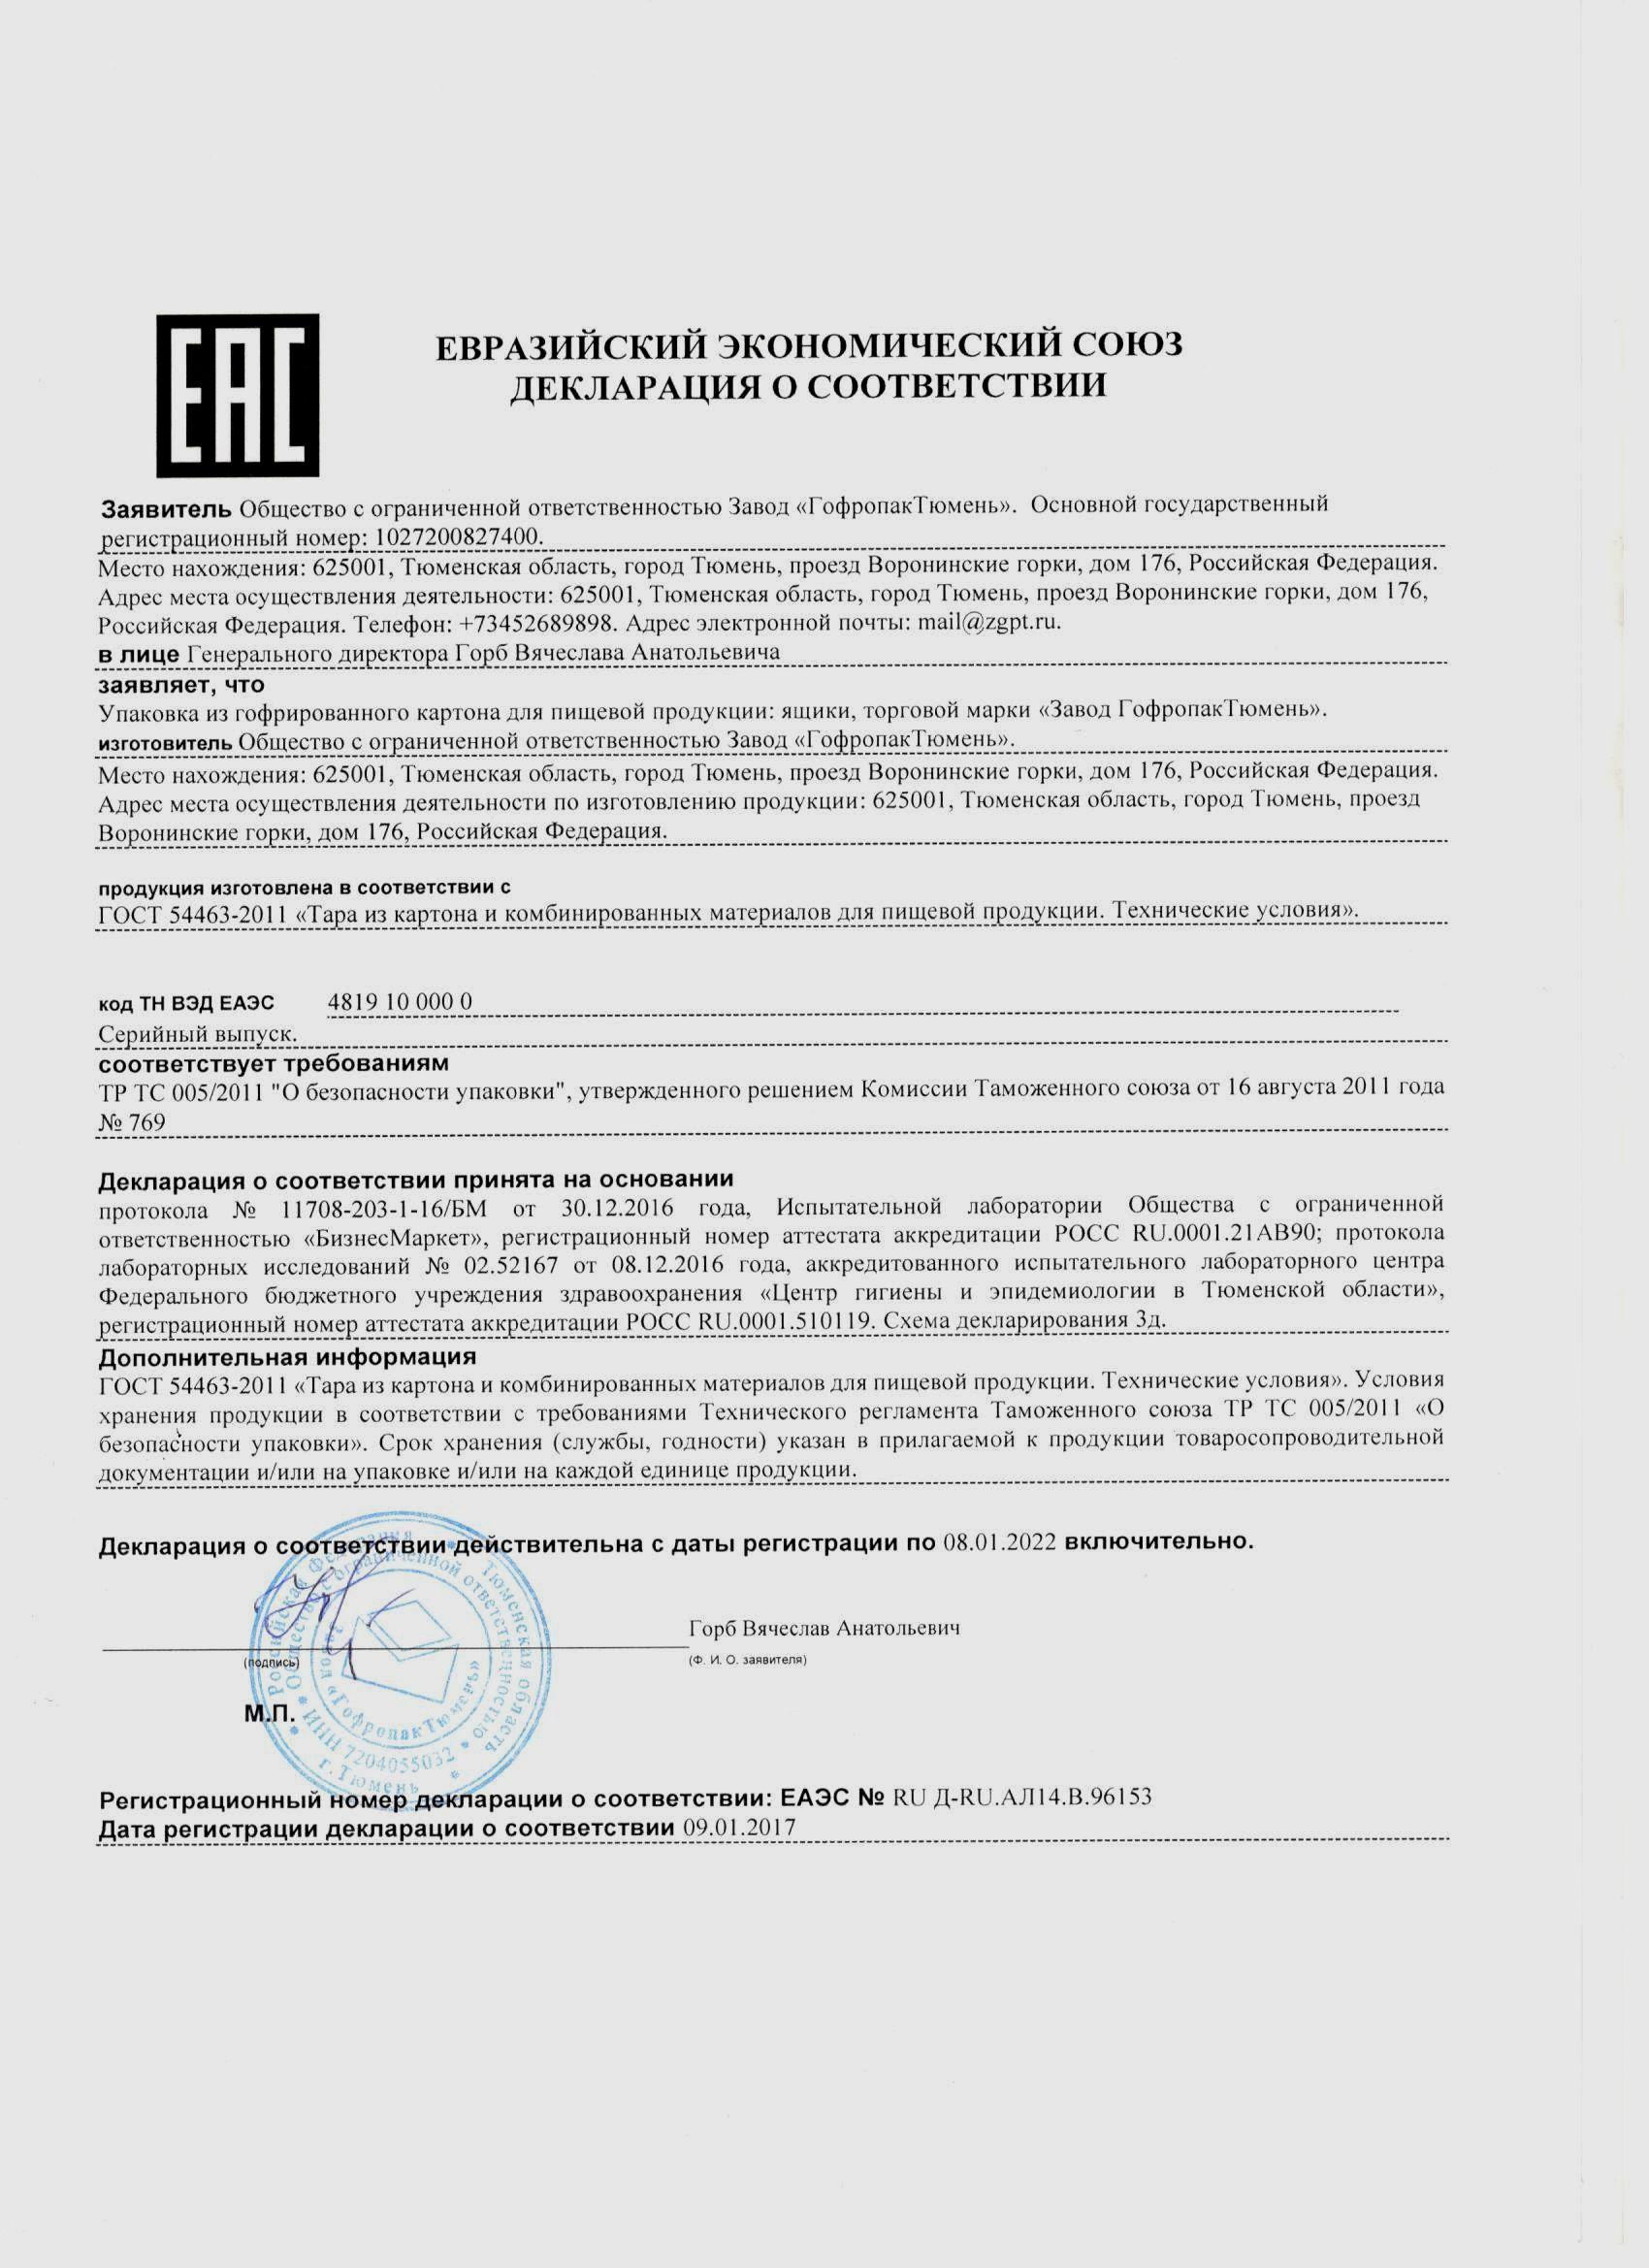 Декларация таможенного союза о соответствии ЕАЭС № RU Д-RU.АЛ14.В.96150 на упаковку из гофрированного картона для пищевой продукции, продукции промышленного и бытового назначения: ящики торговой марки